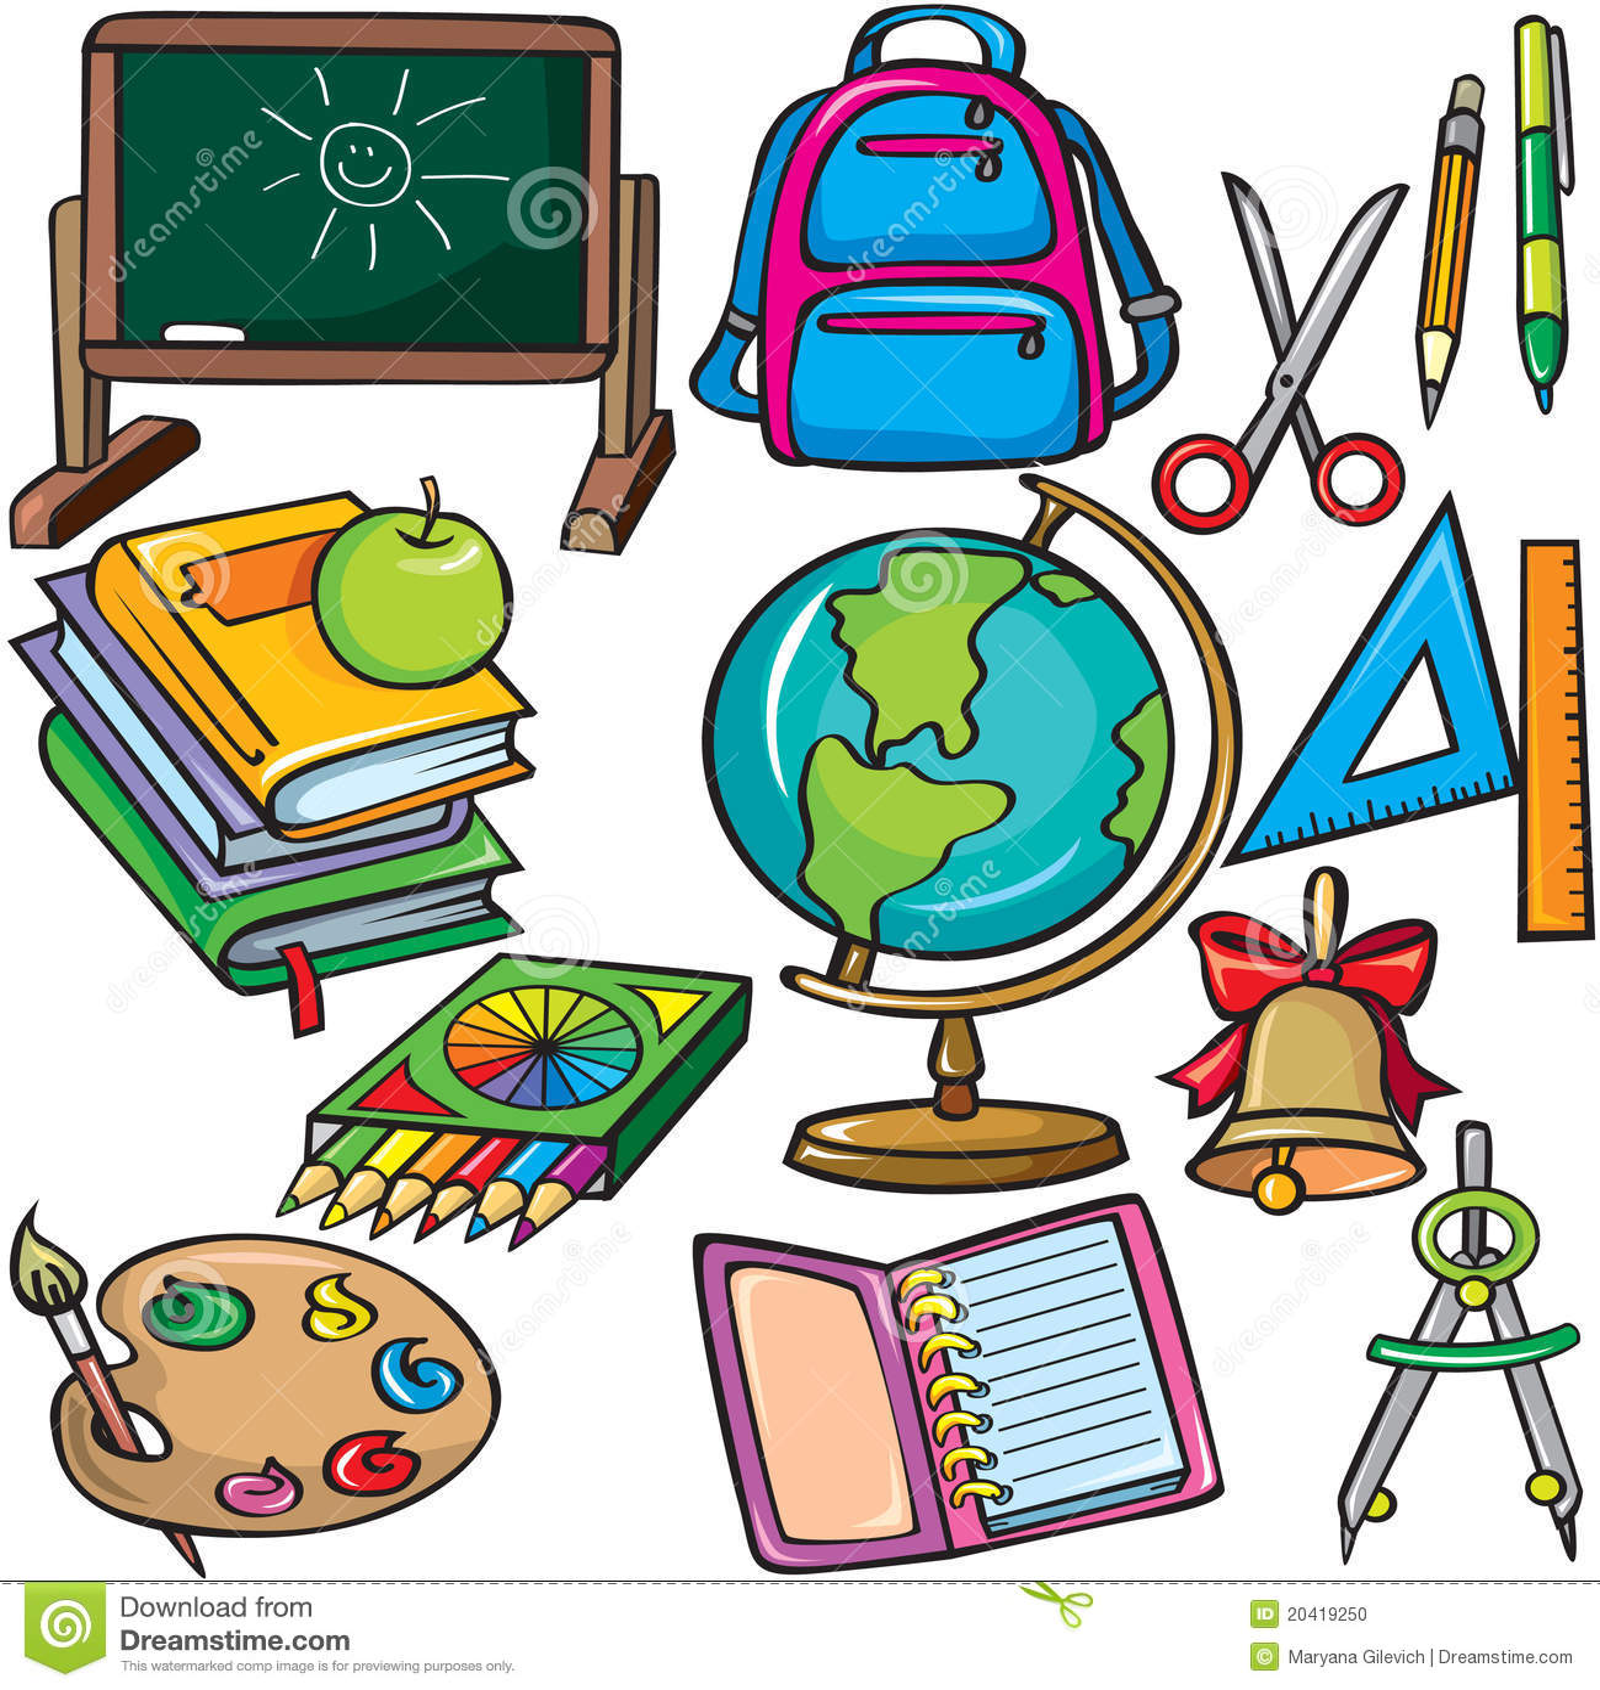 Маленькие рисунки на школьную тематику